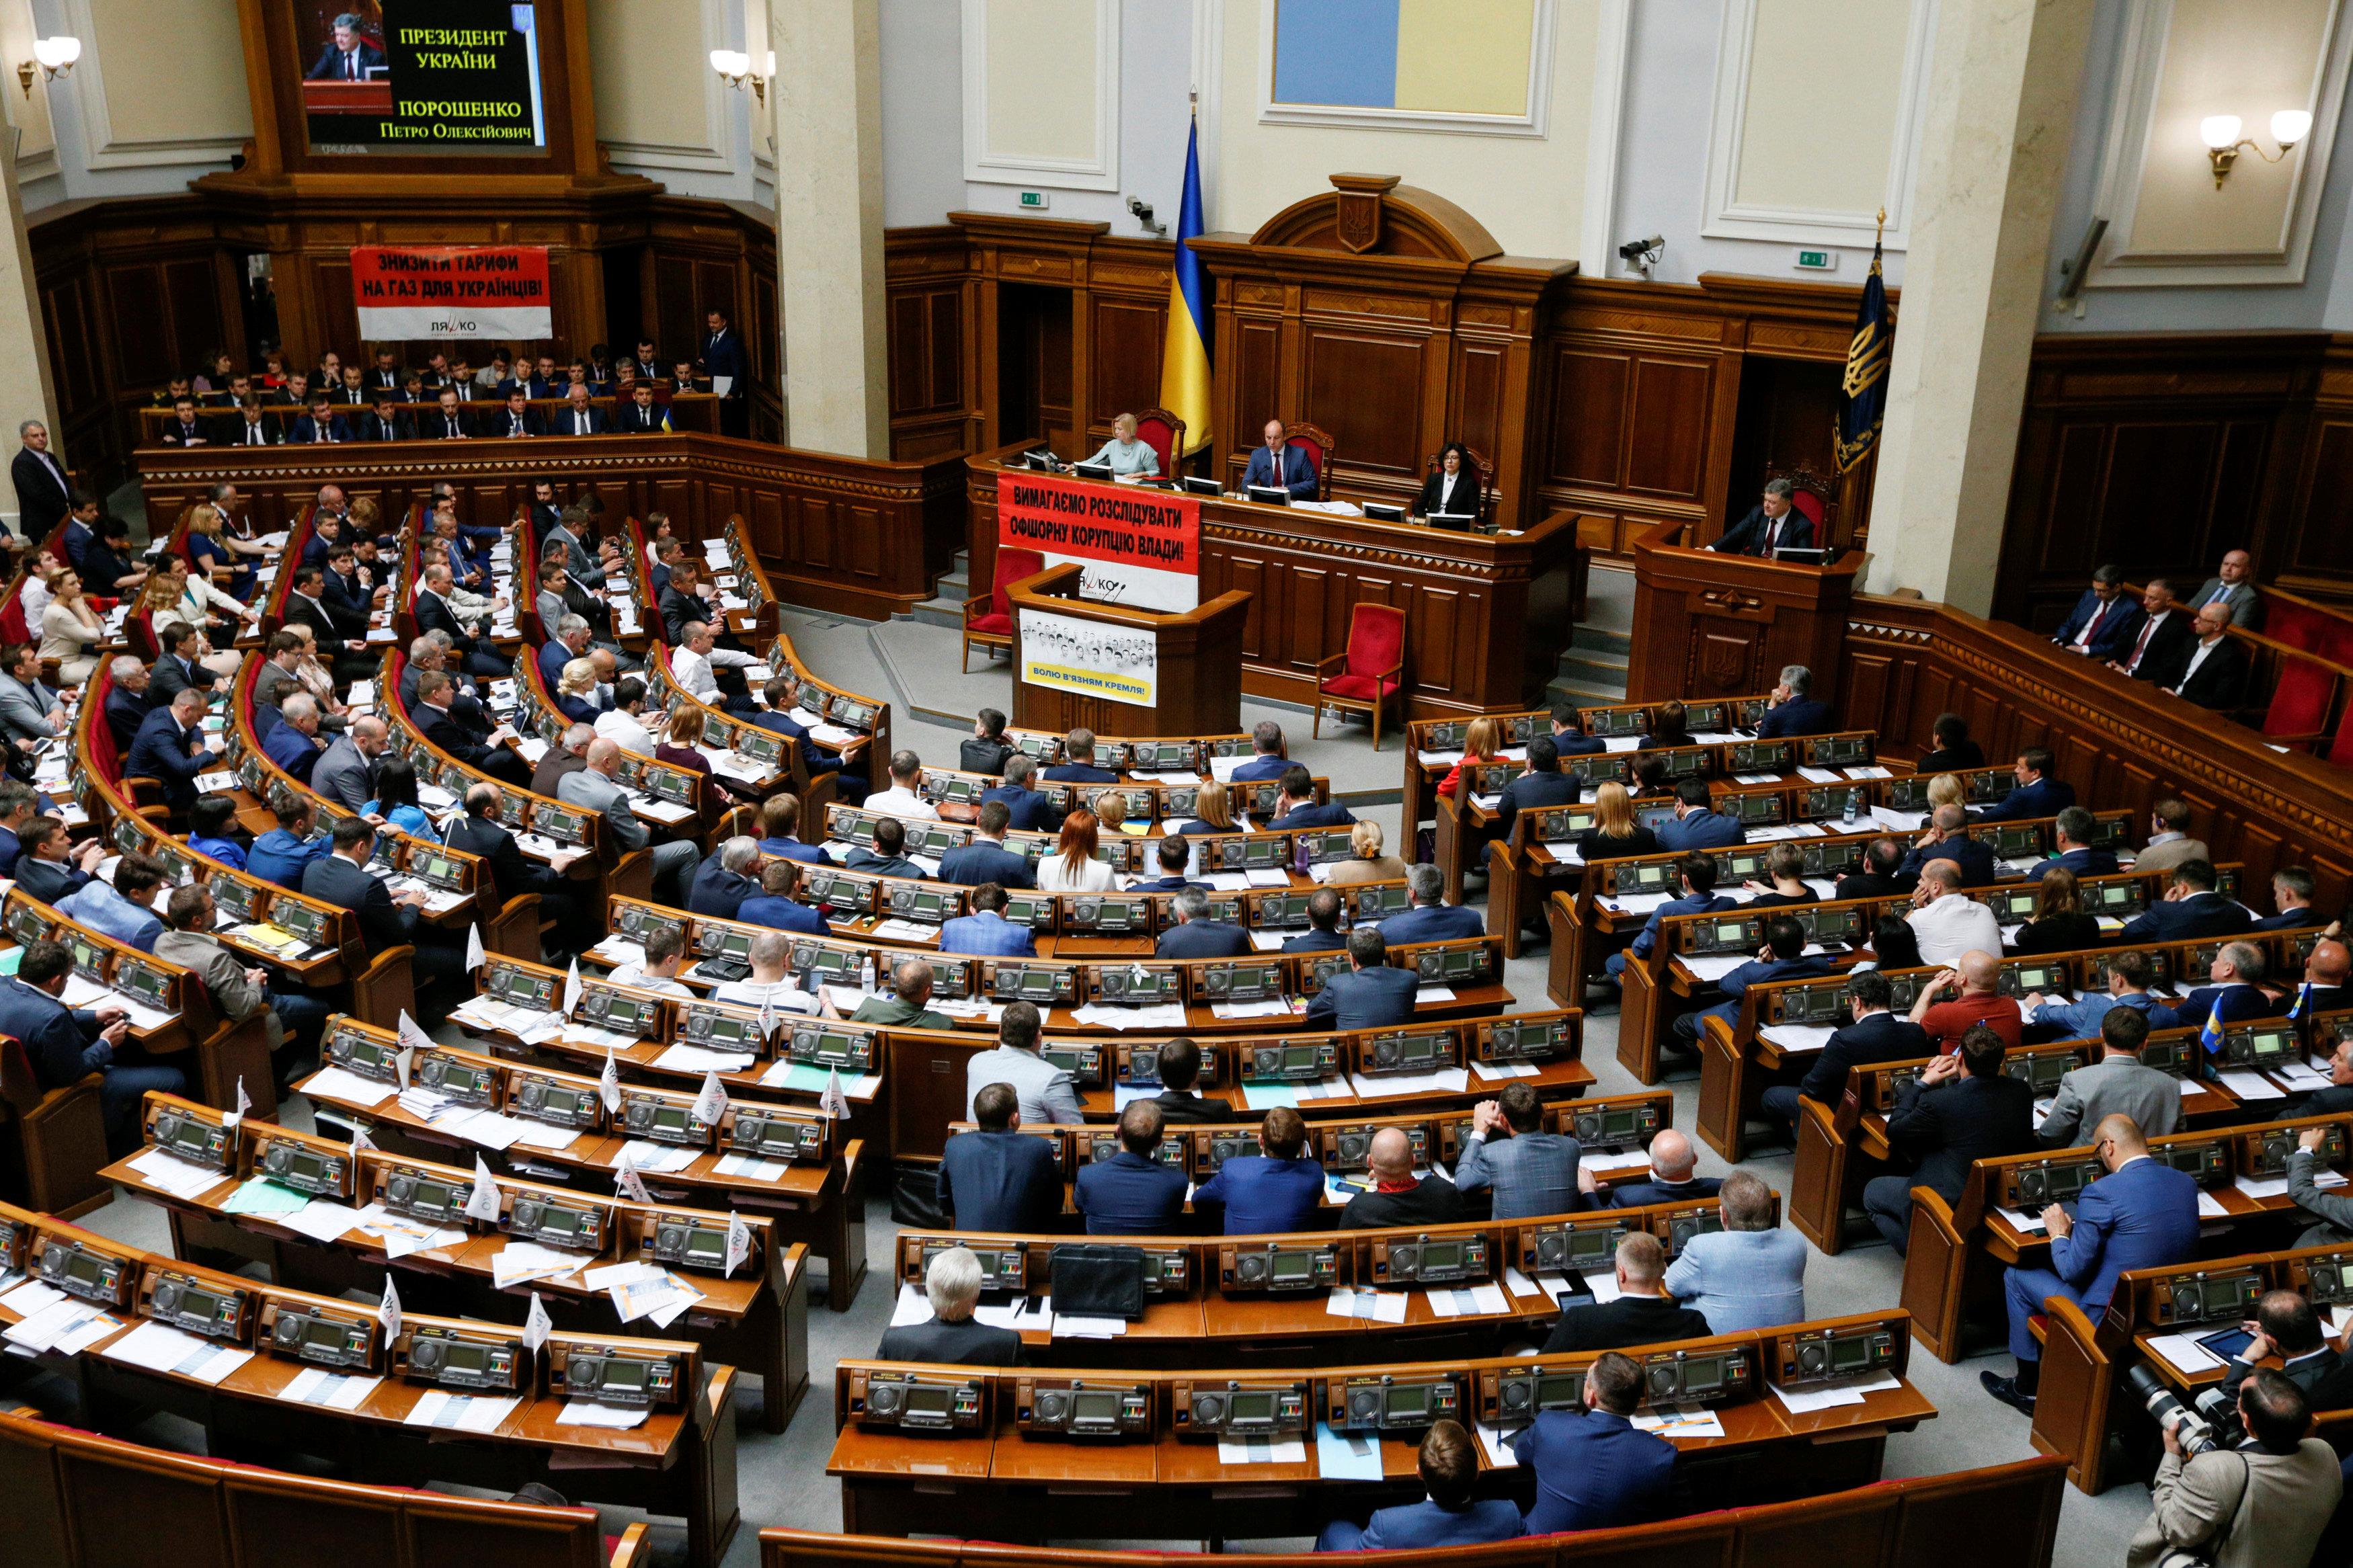 Народные избранники призвали мир непризнавать русские выборы вКрыму